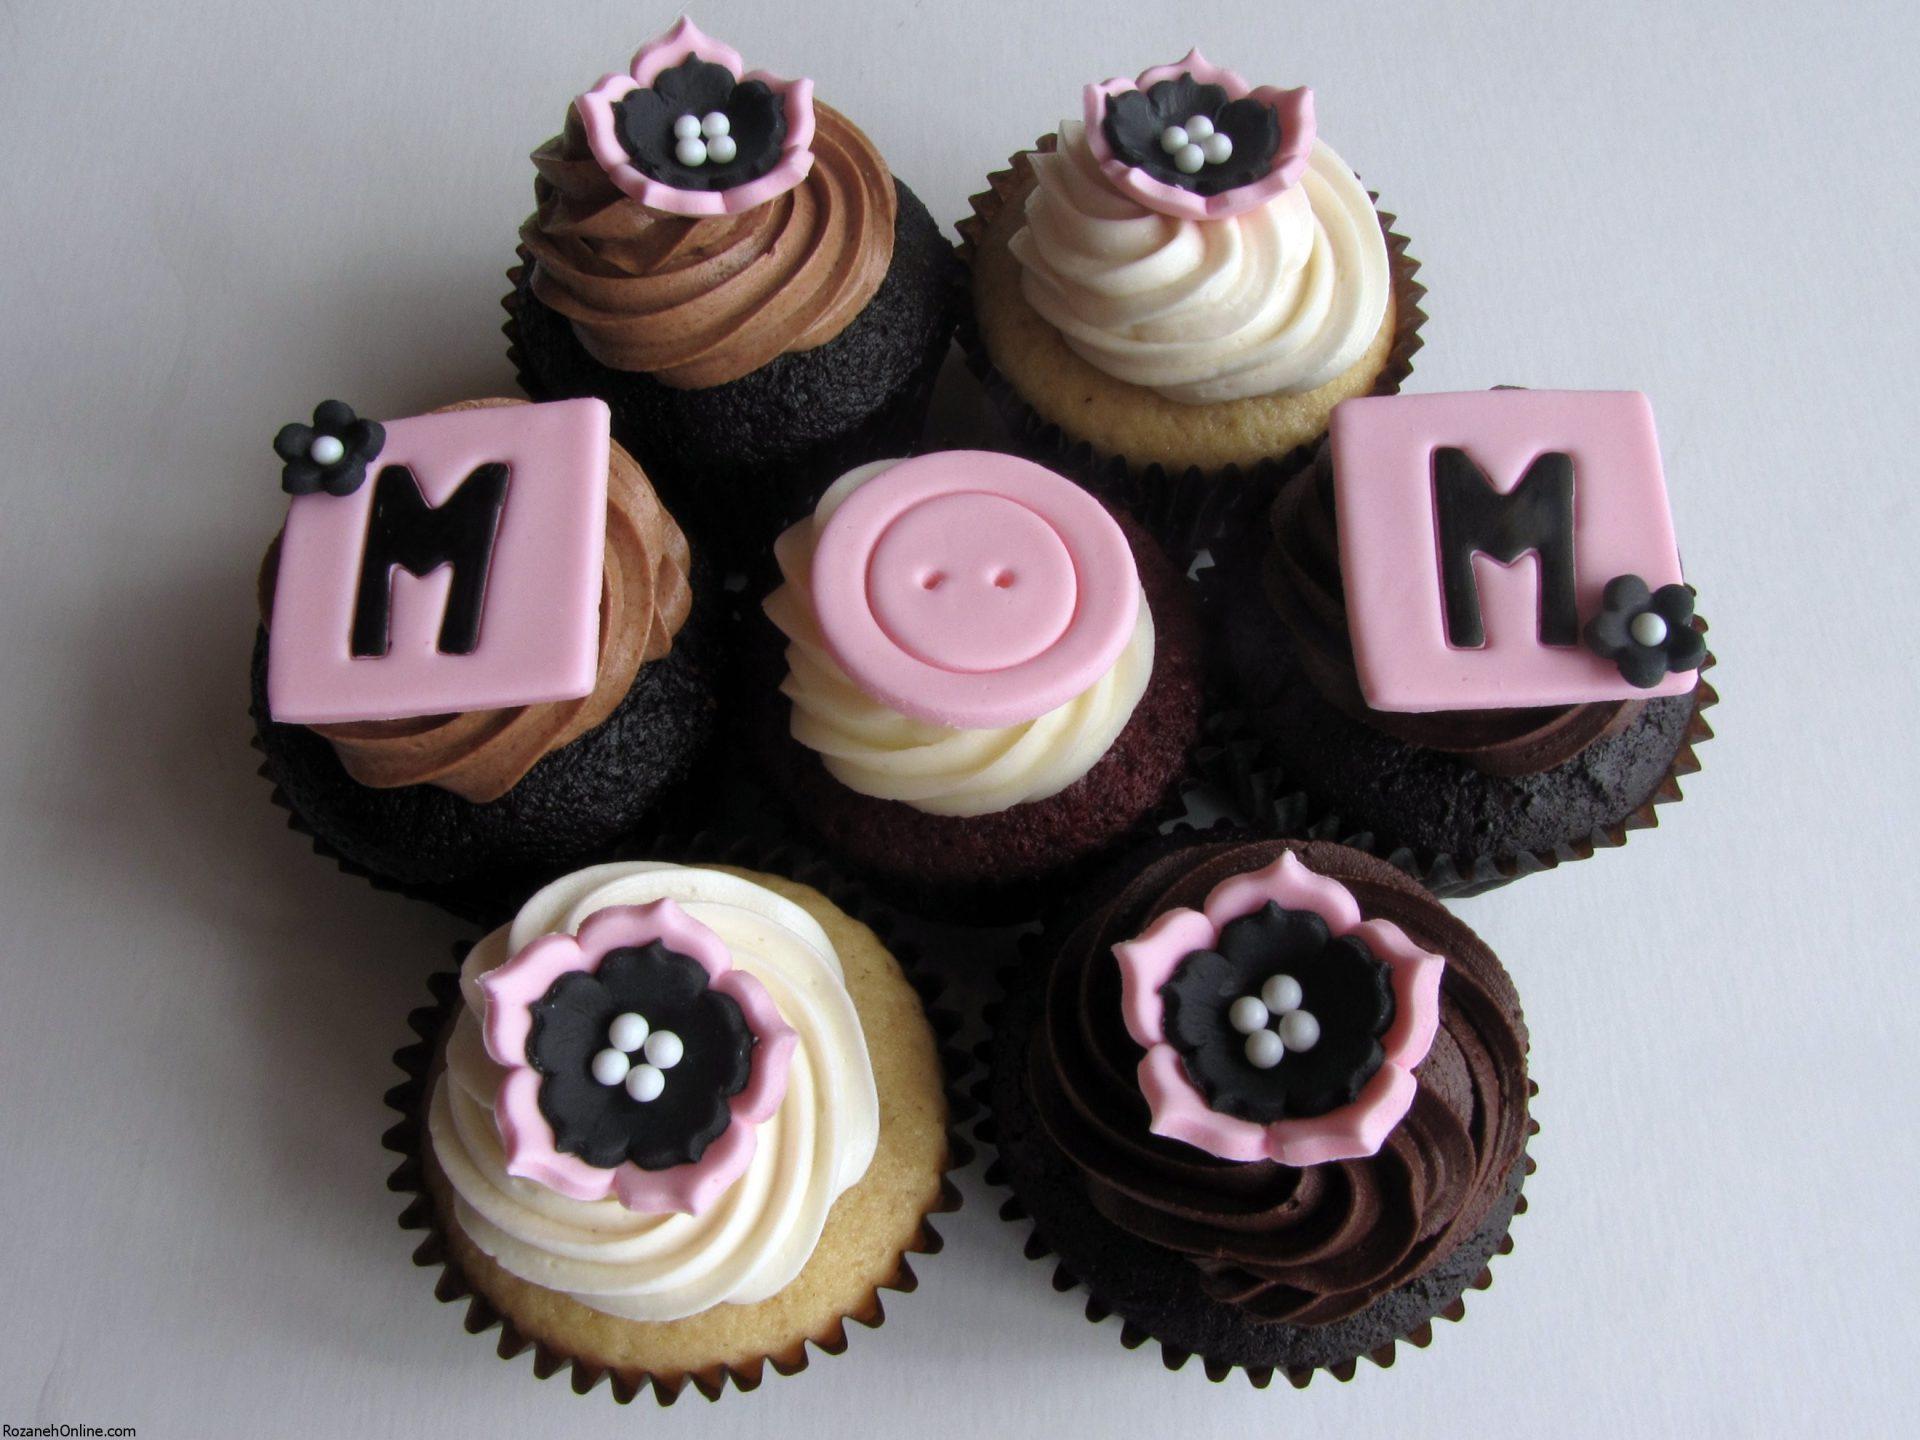 طرز تهیه کاپ کیک روز مادر و مدل تزیین آن